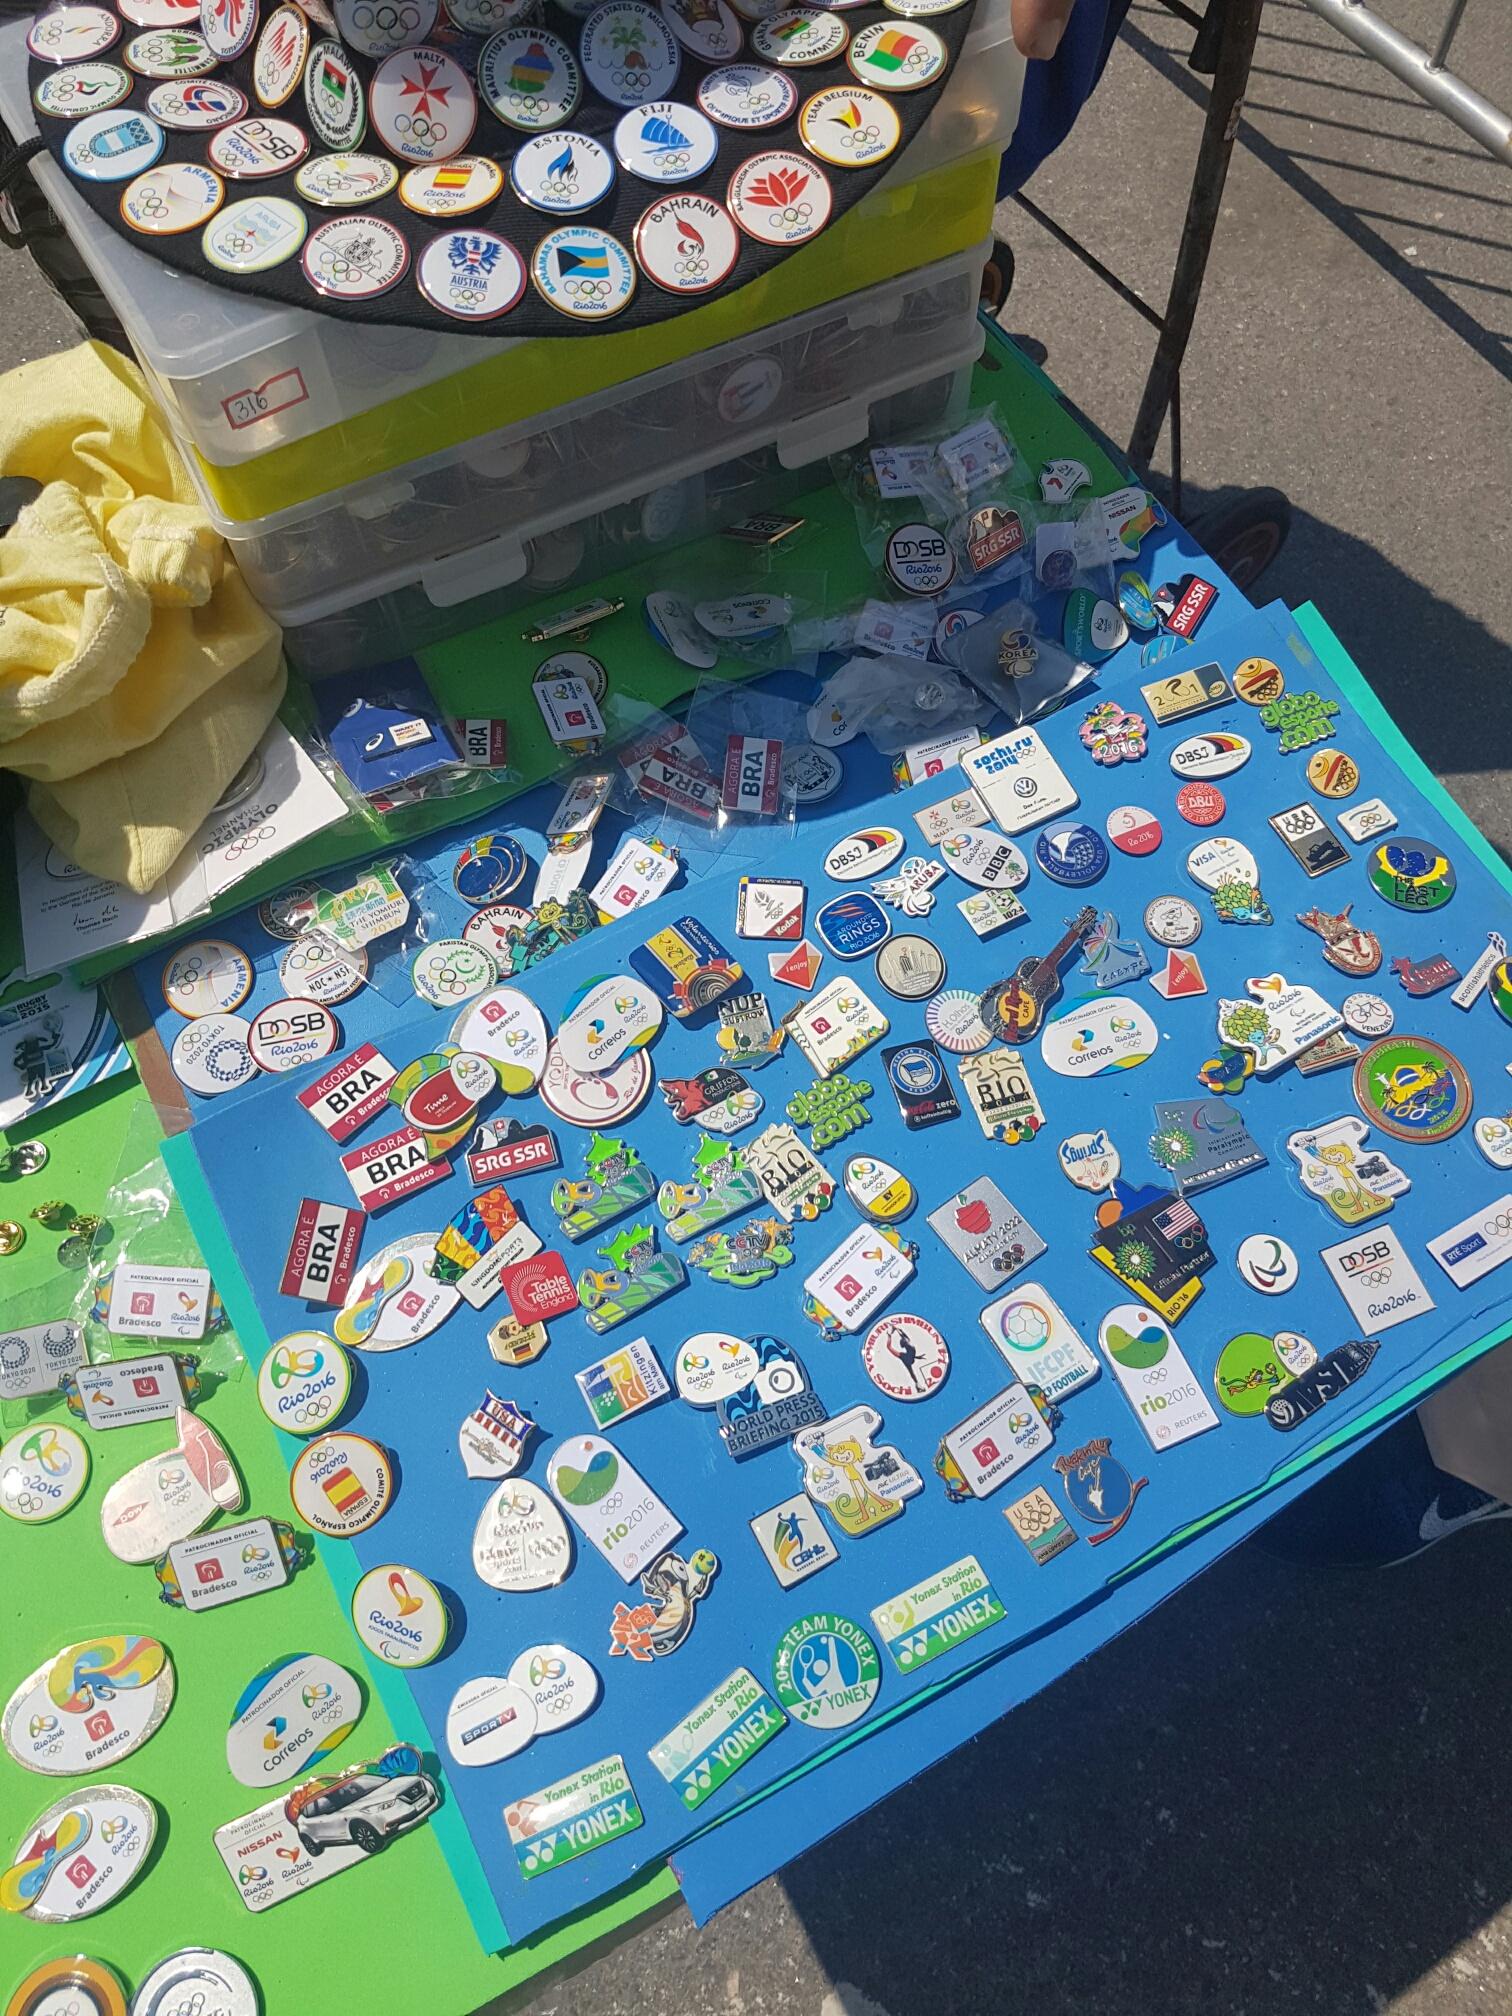 Rio 2016 pins